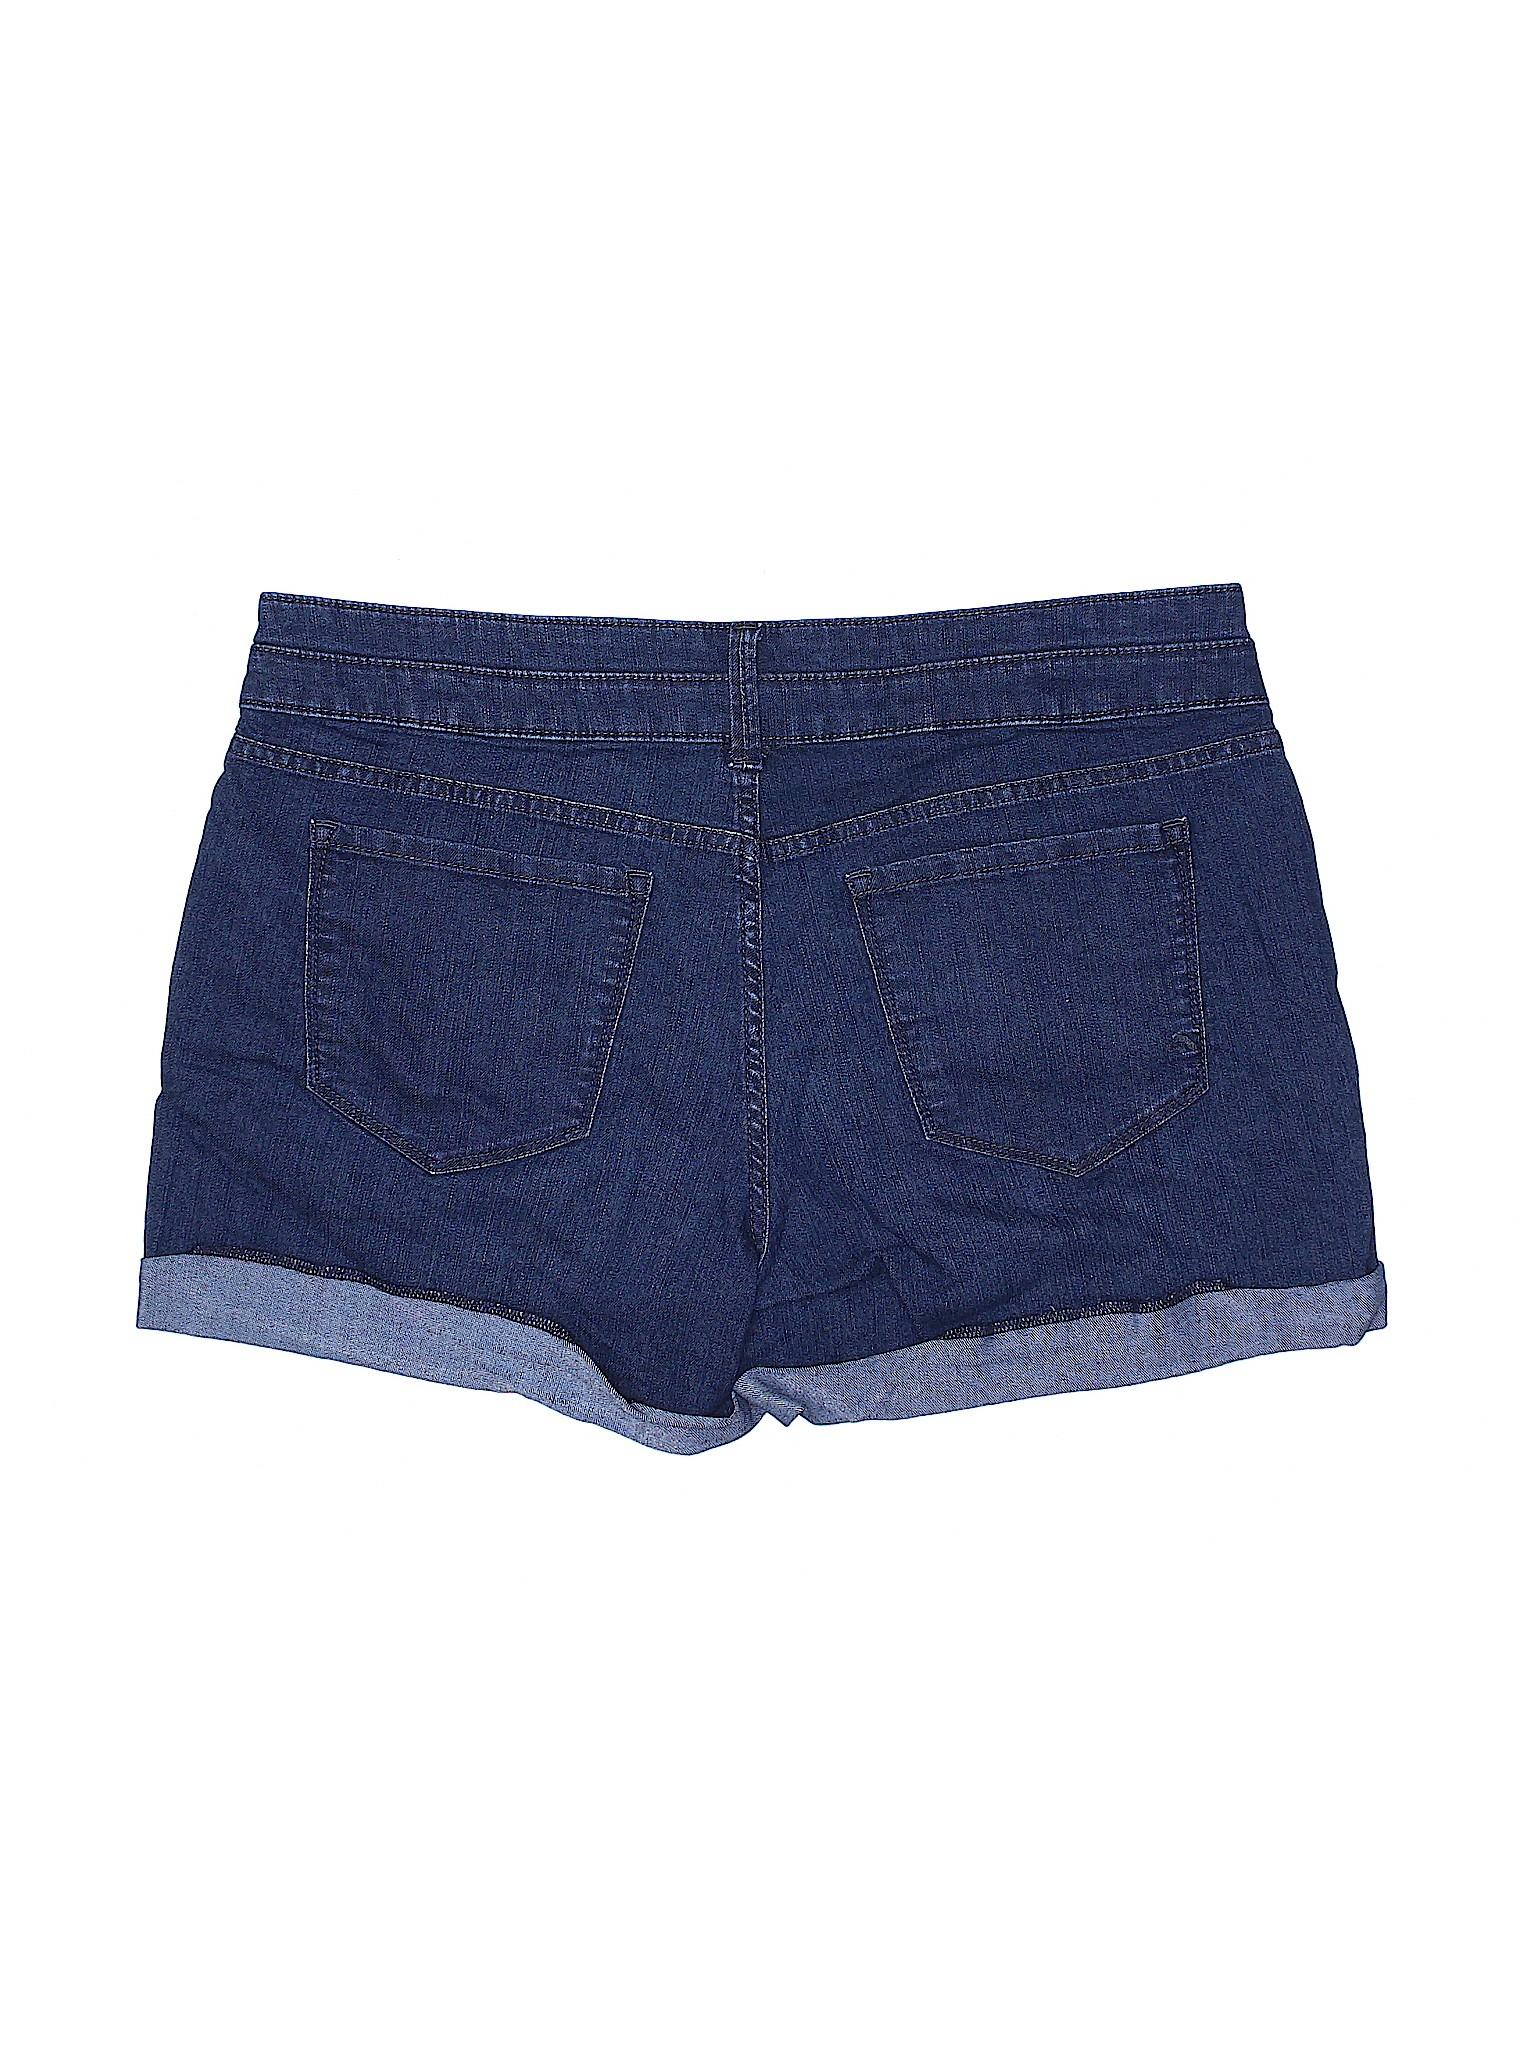 Denim Shorts Jordache Boutique leisure leisure Boutique ZTqnw4WPBx